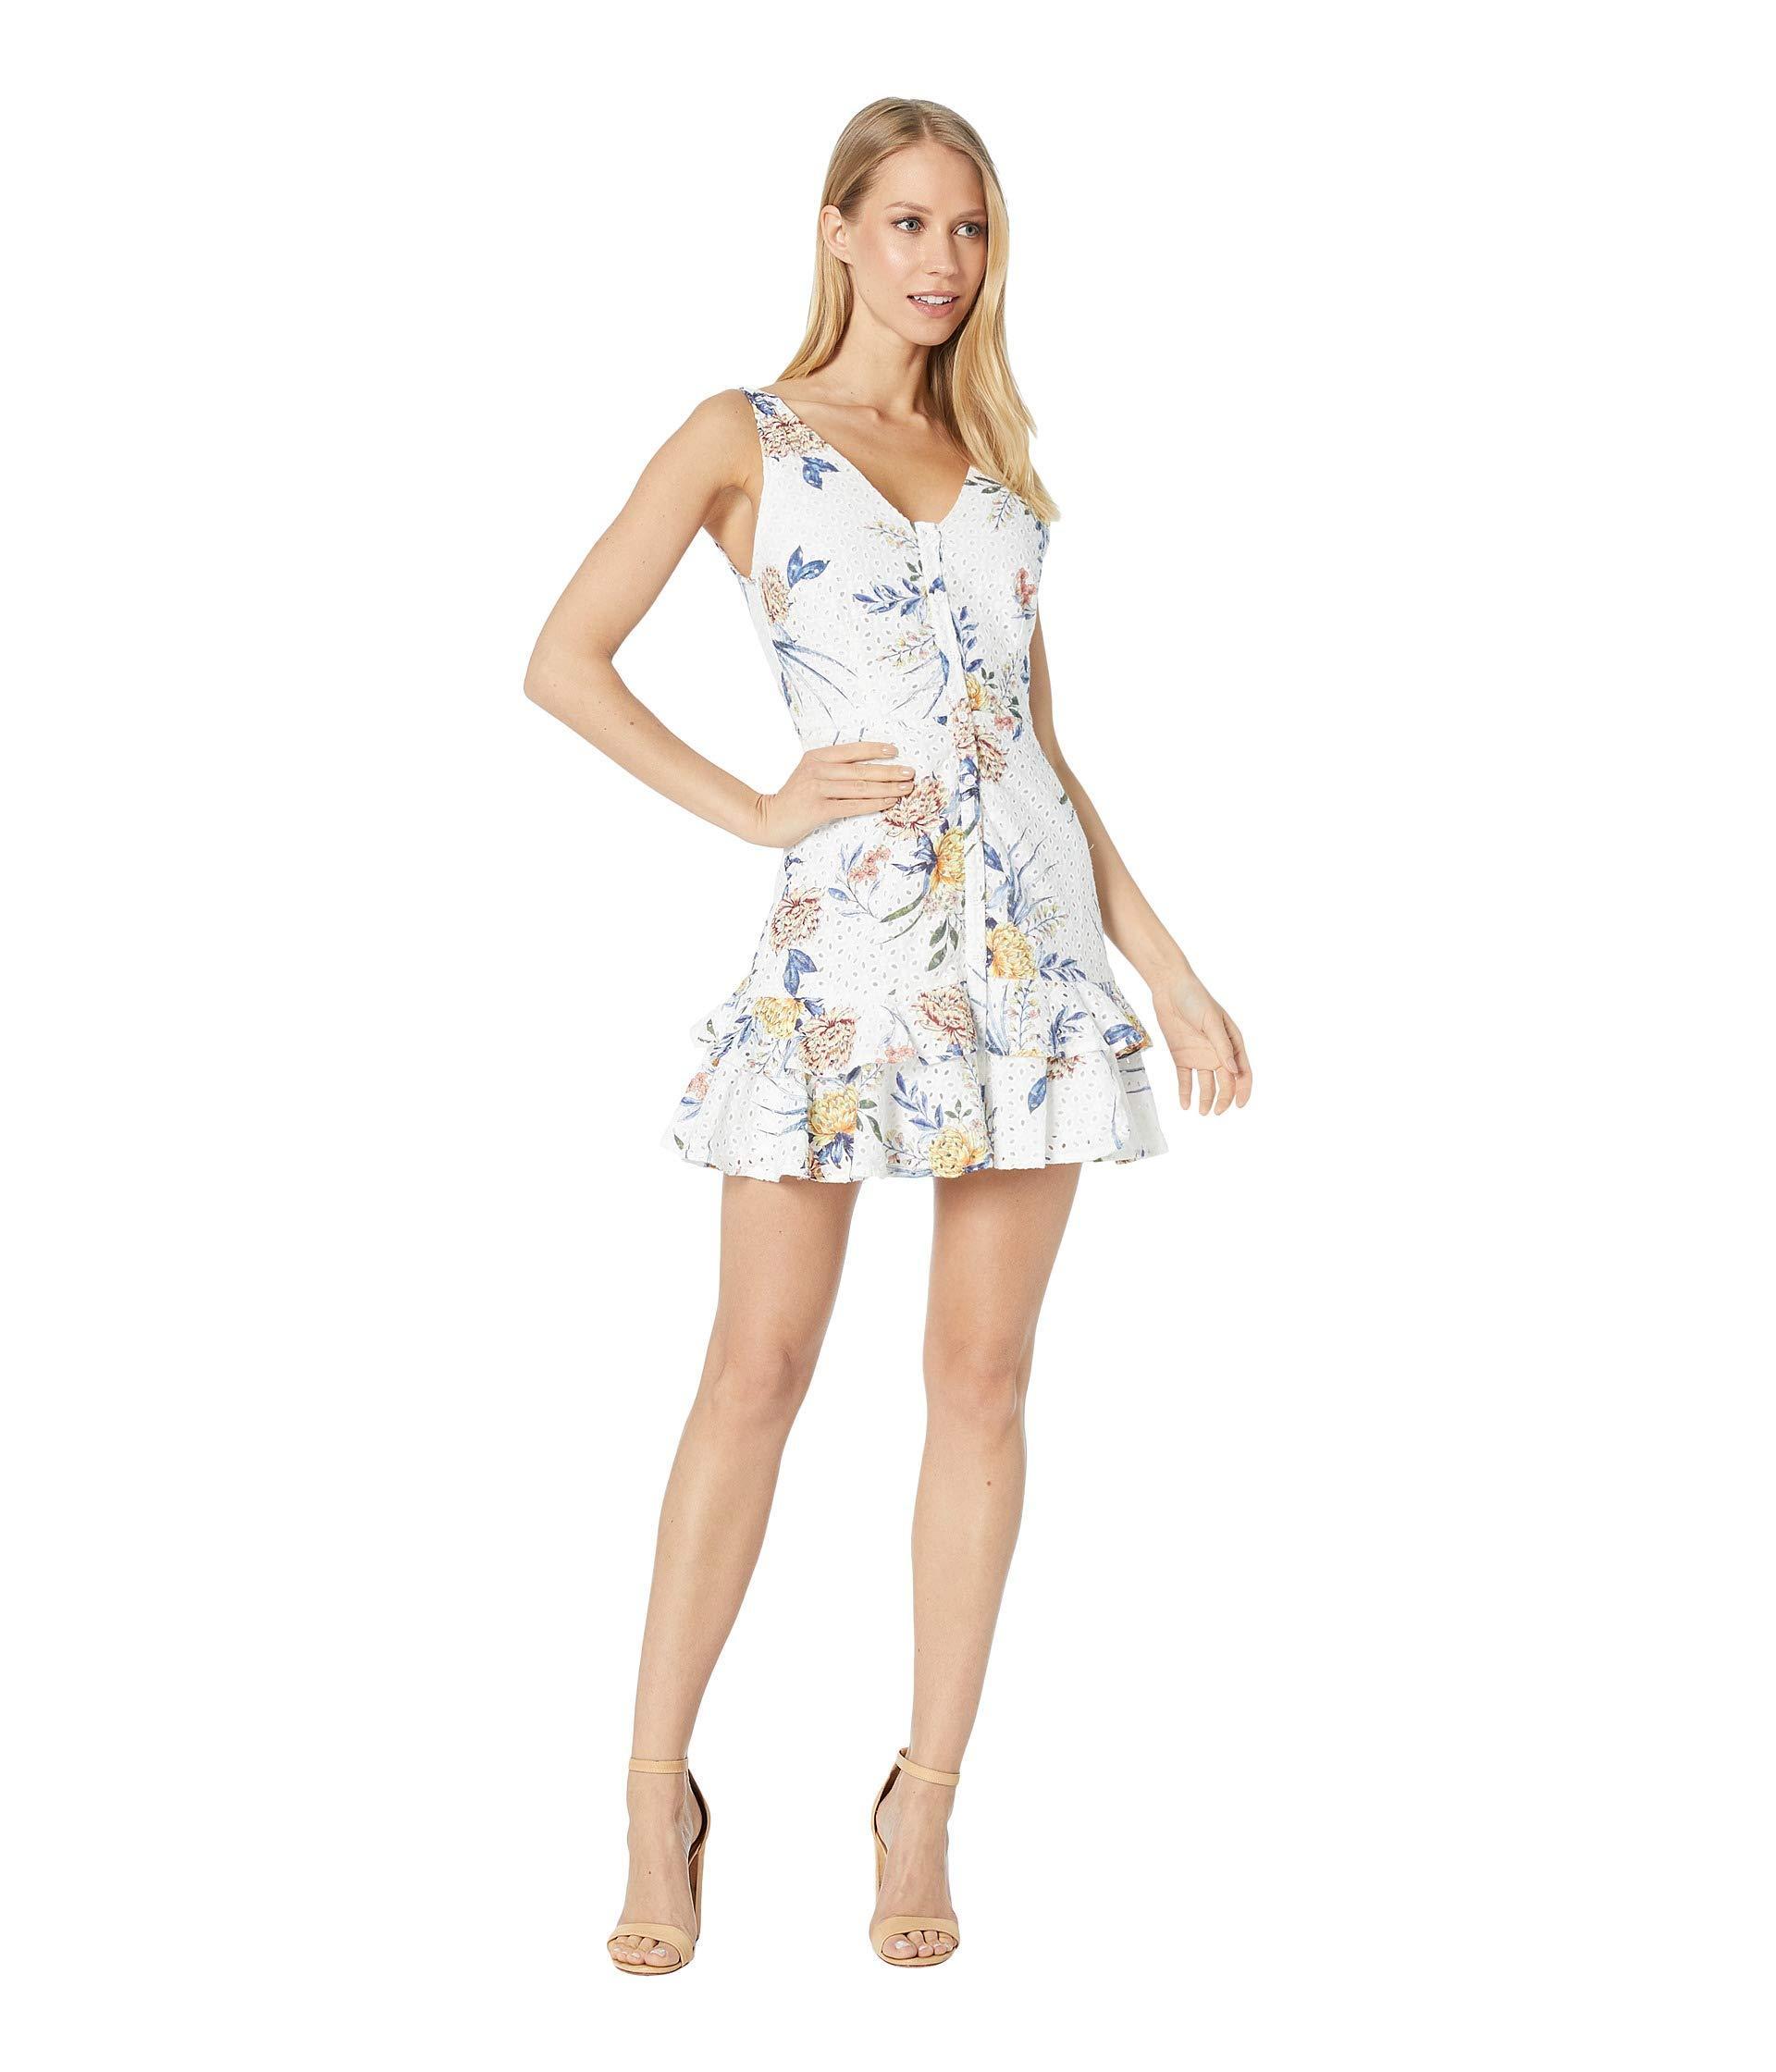 b71020064c7 BB Dakota Turn Up The Heat Dress (optic White) Women s Dress in ...